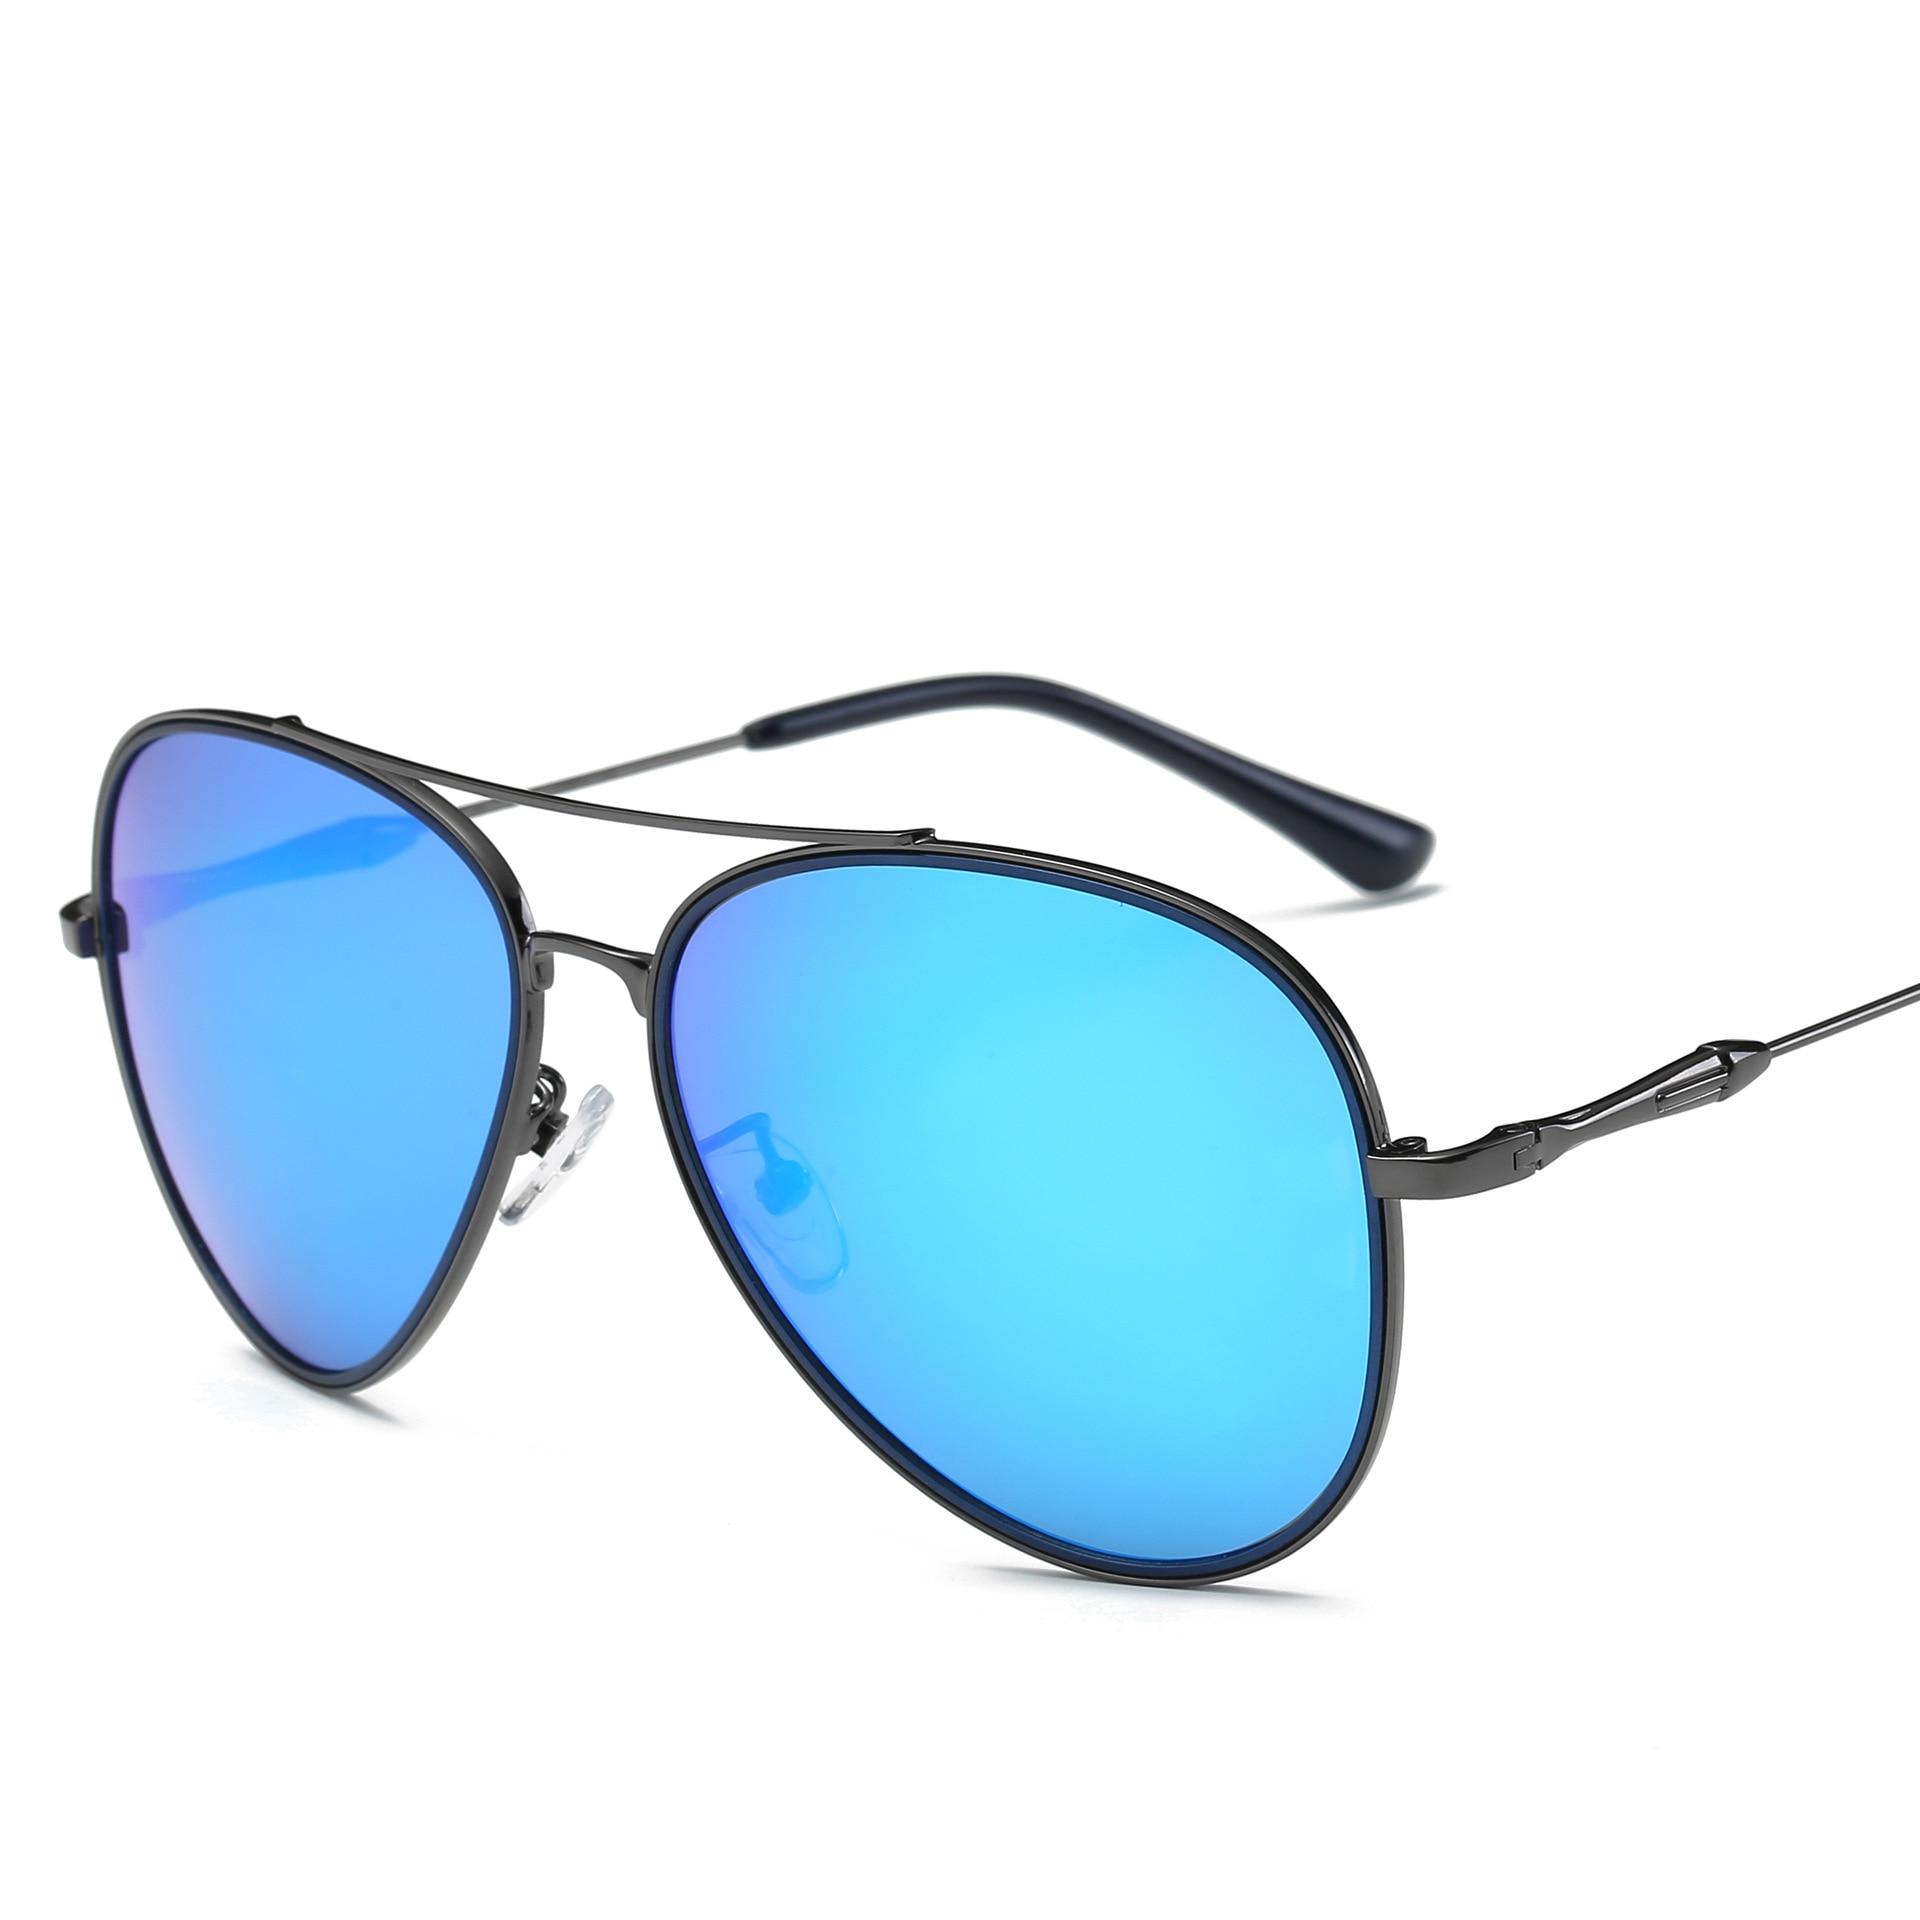 c9580c695502d ... Óculos de Sol das Senhoras Espelhado Feminino Uv400 A001-019. 🔍.  Acessórios Diversos ...